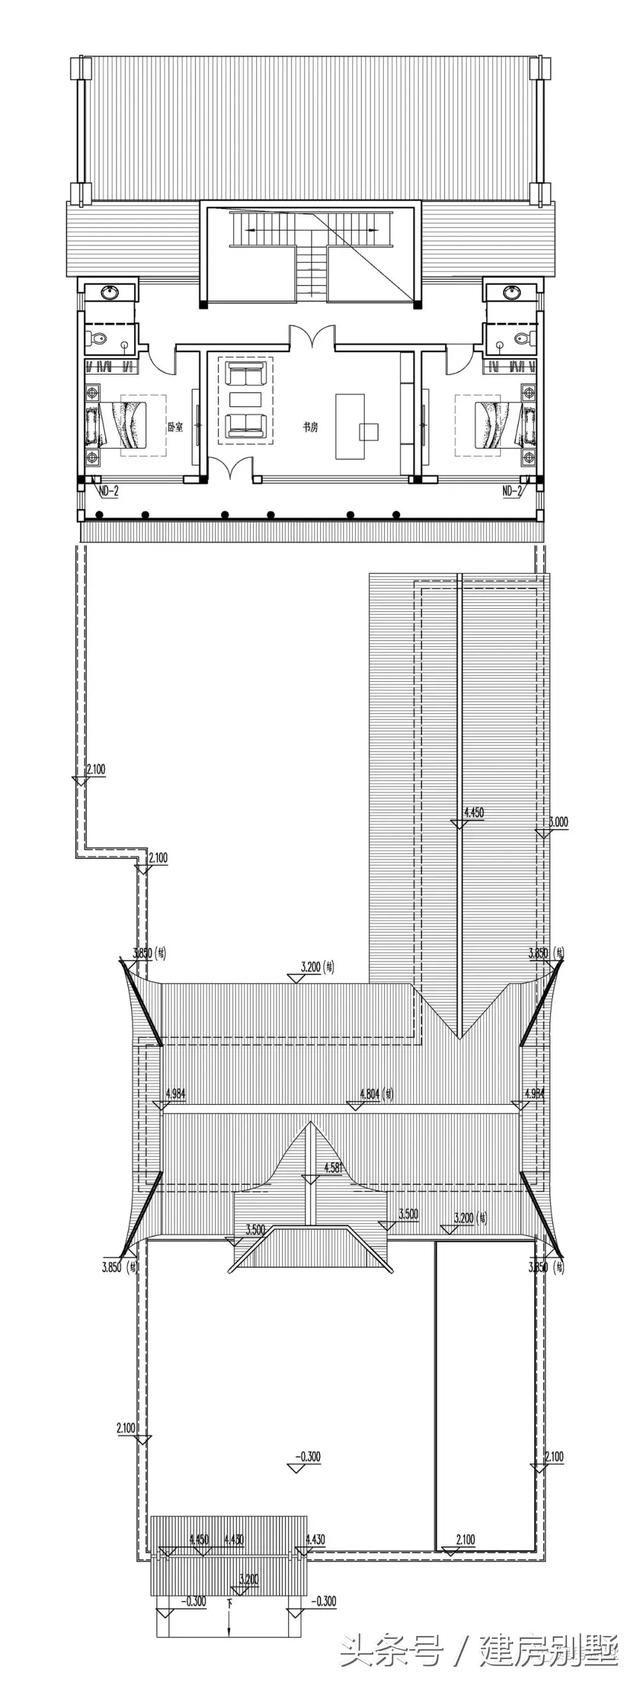 1536米四合院设计,传承传统的精髓,迎接古朴纯真的生活